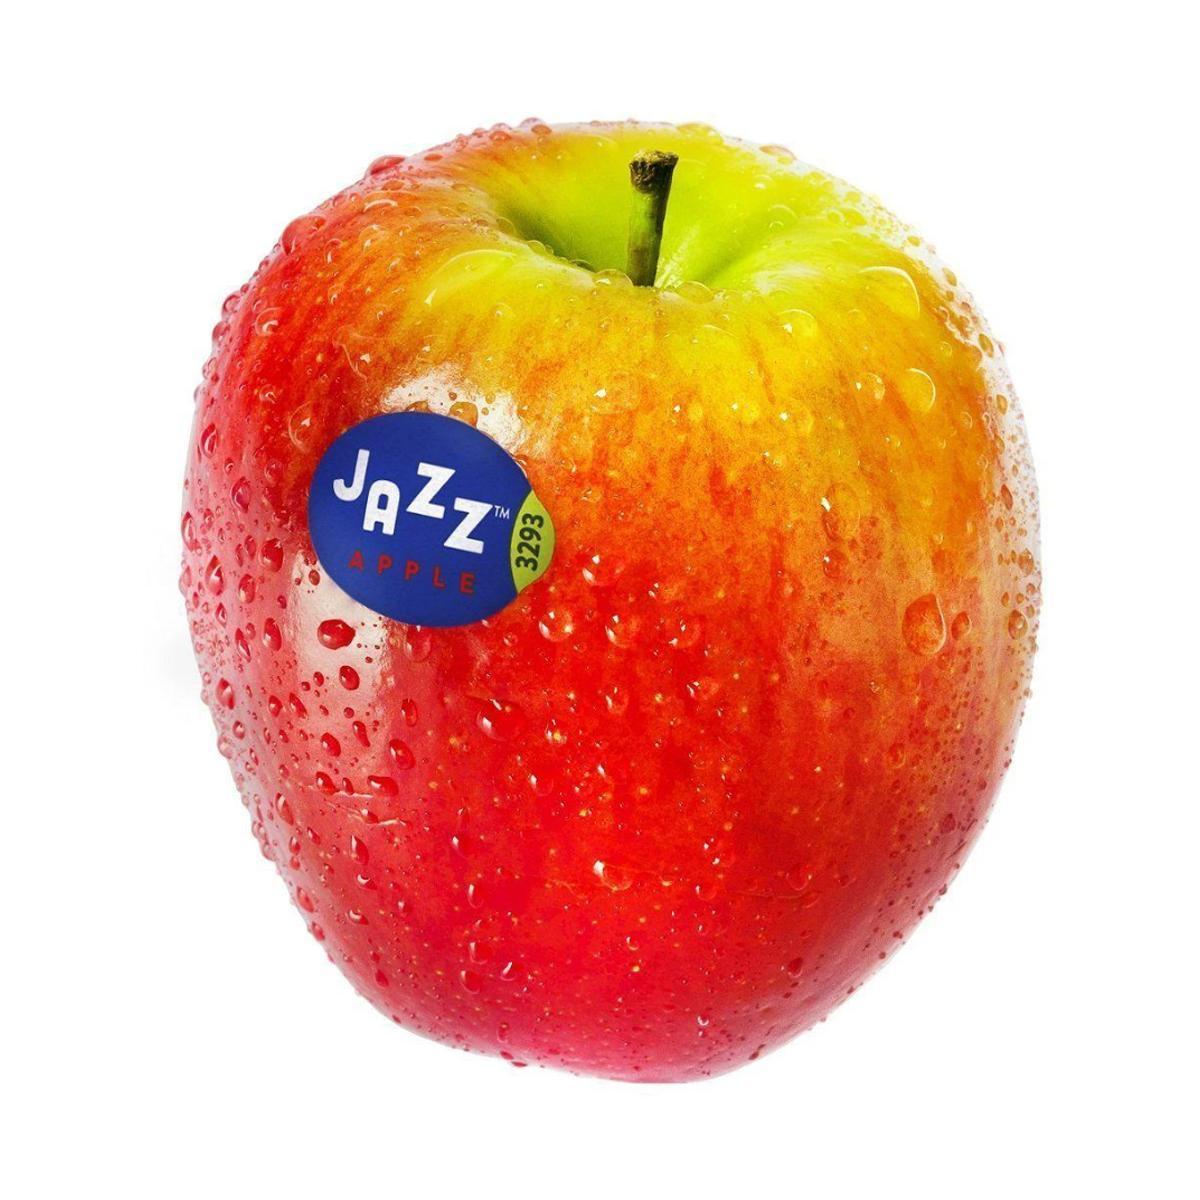 Apple Jaaz